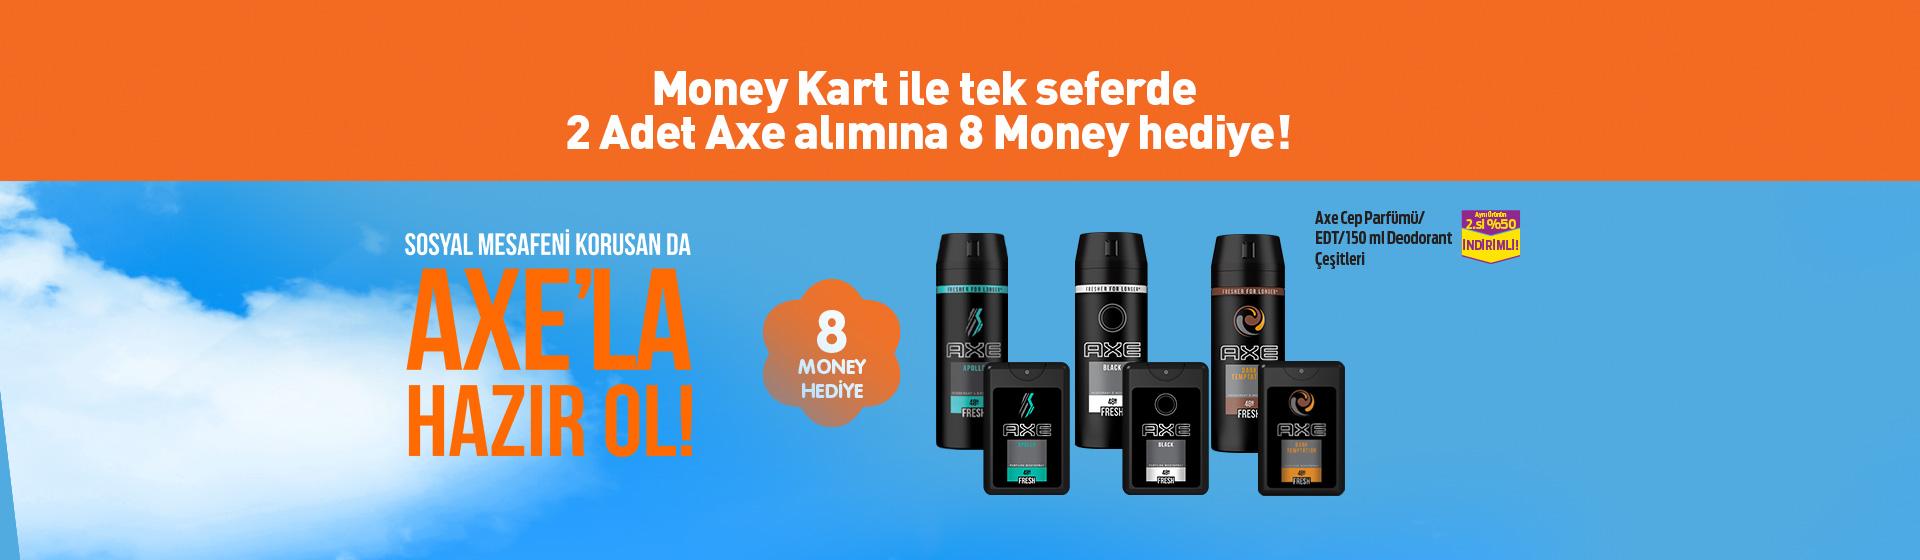 Axe Money Kampanyası